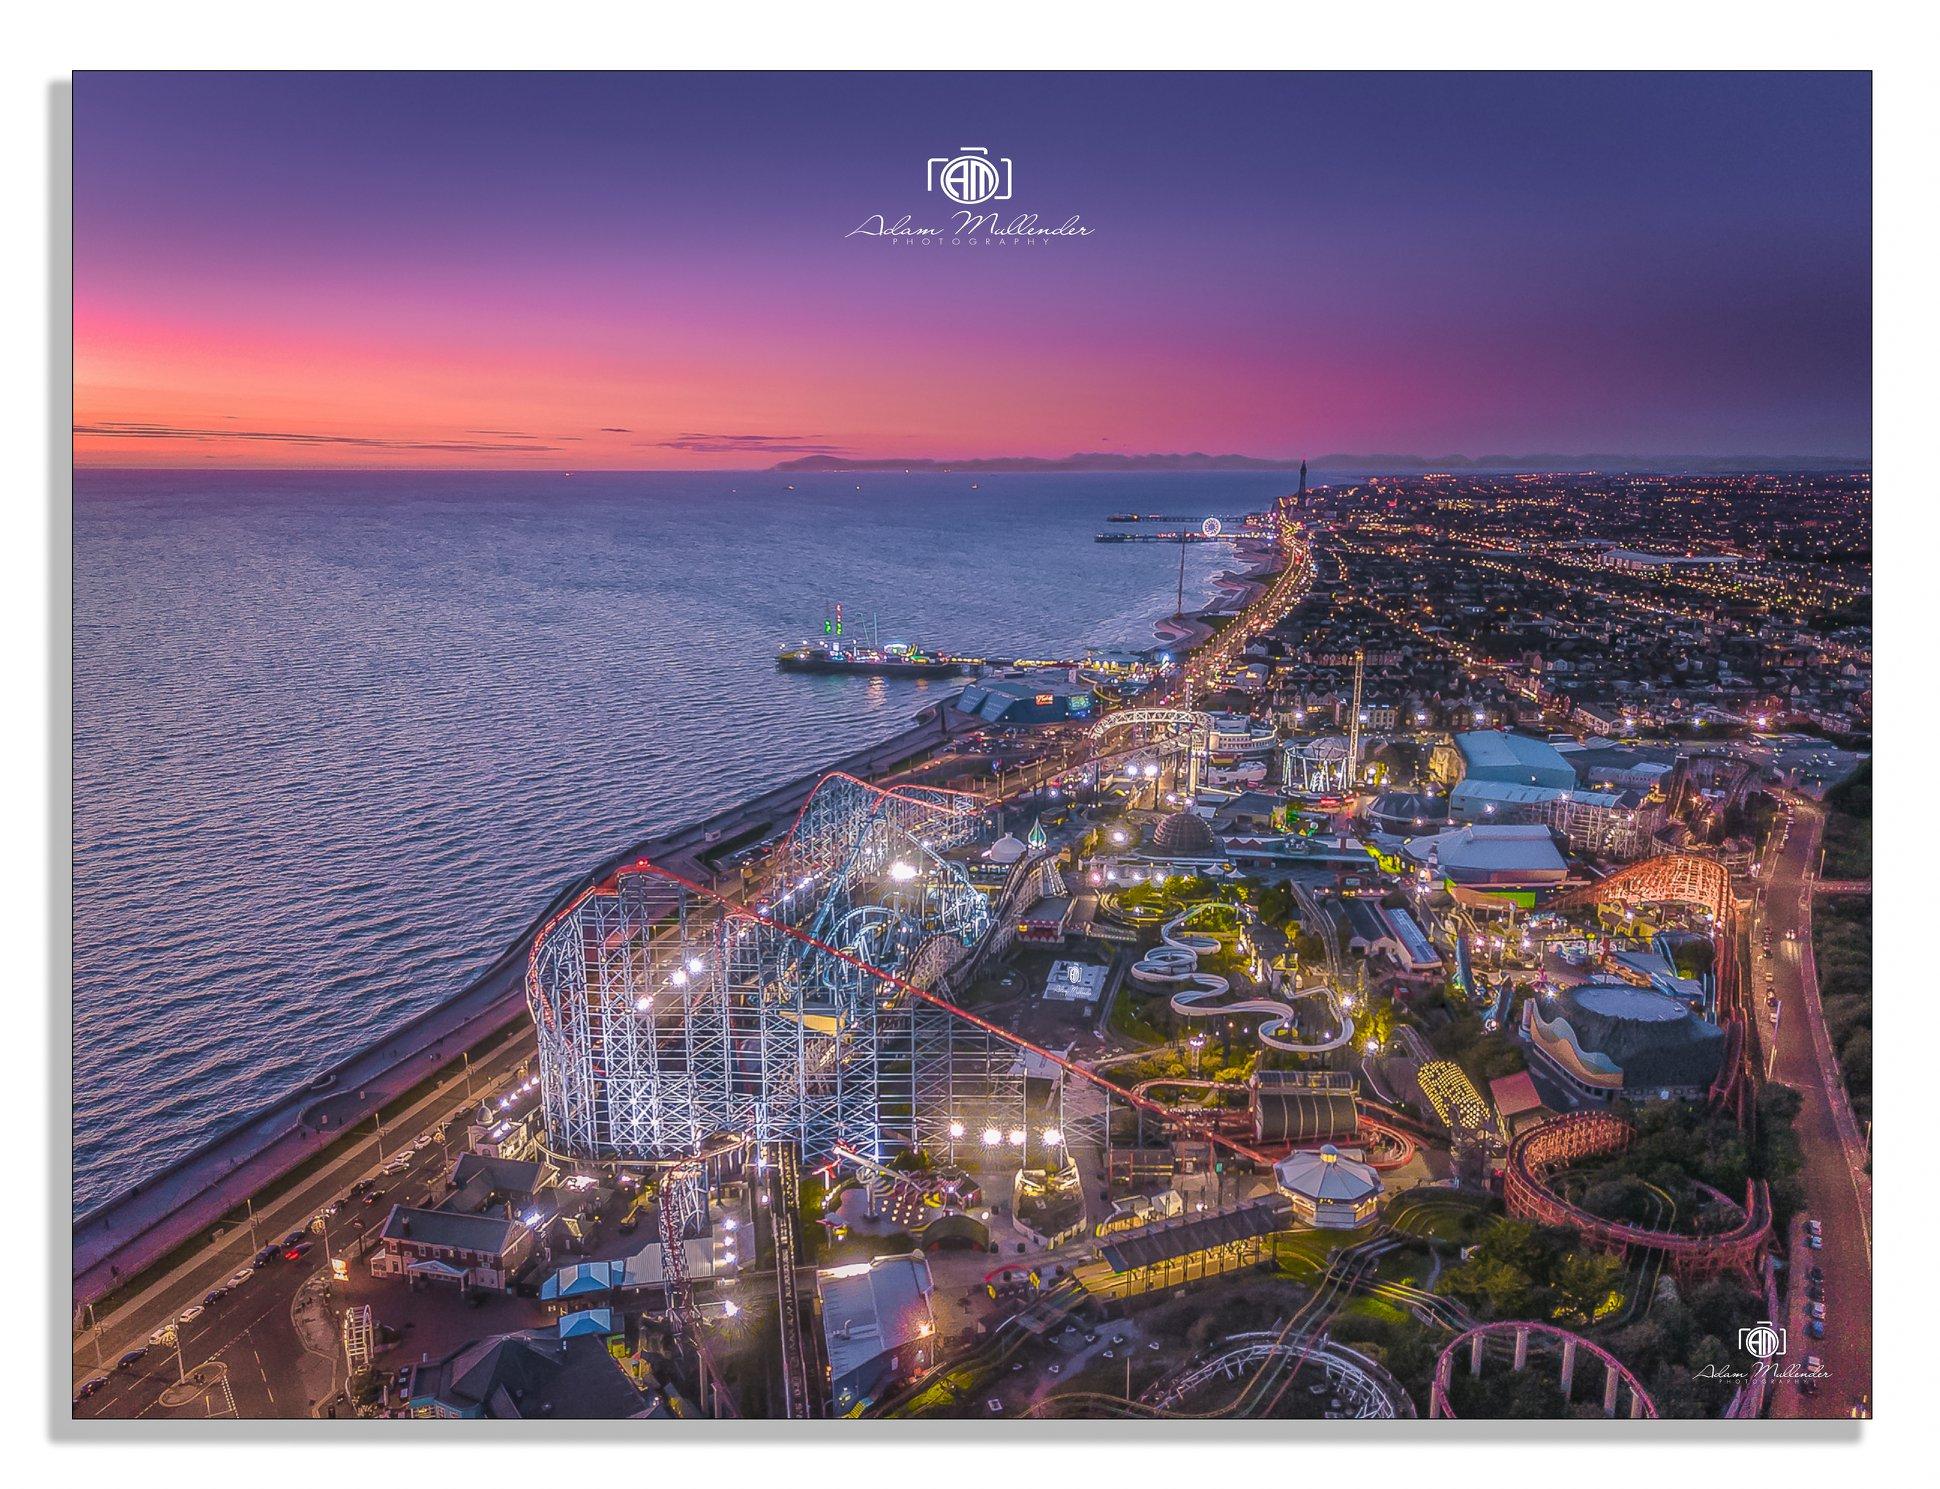 Blackpool by Adam Mullender